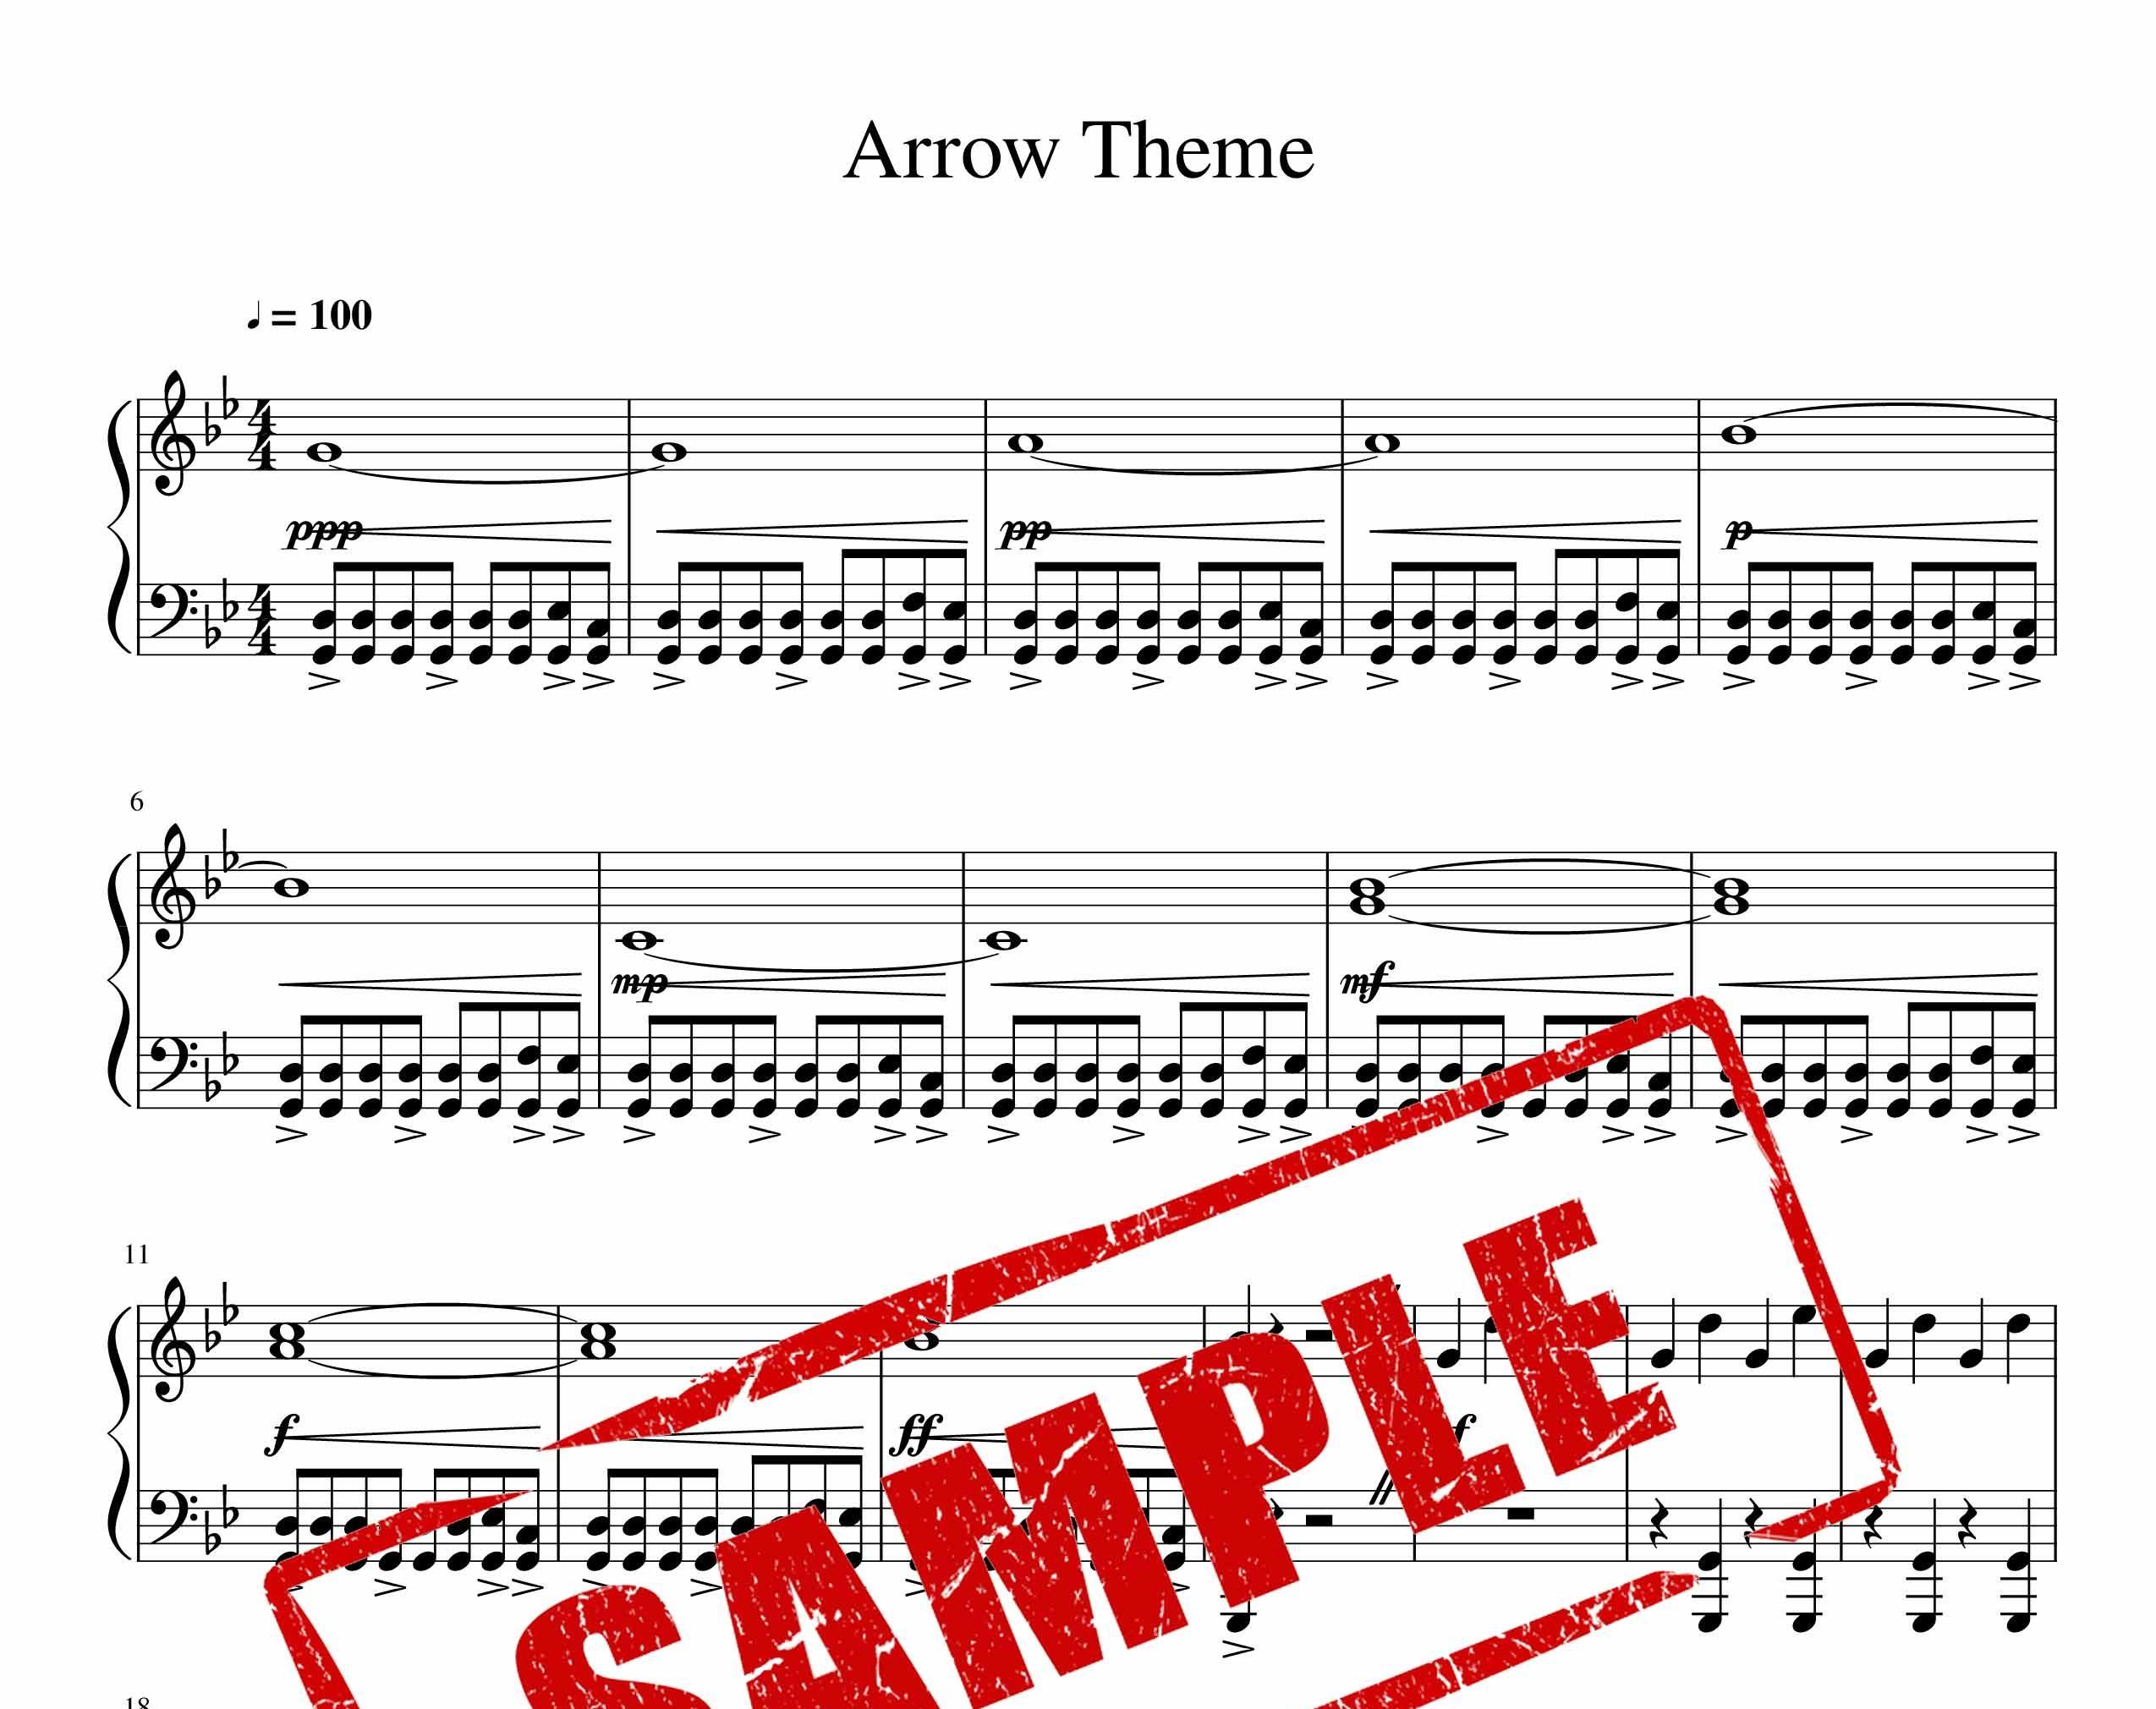 نت موسیقی متن اصلی سریال arrow برای پیانو